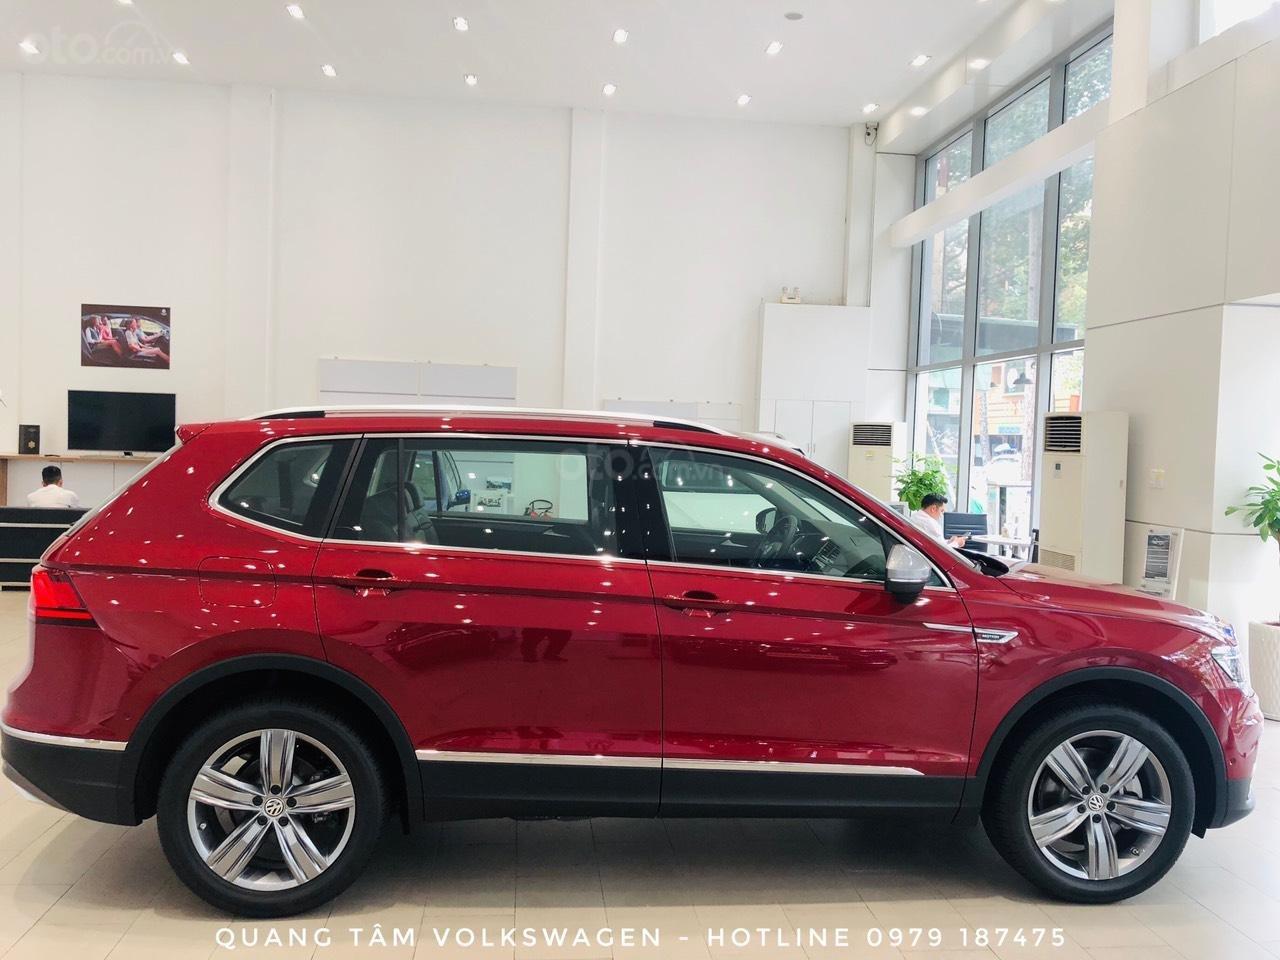 Volkswagen Tiguan Luxury đỏ ruby may mắn, ưu đãi khủng + giao ngay (7)